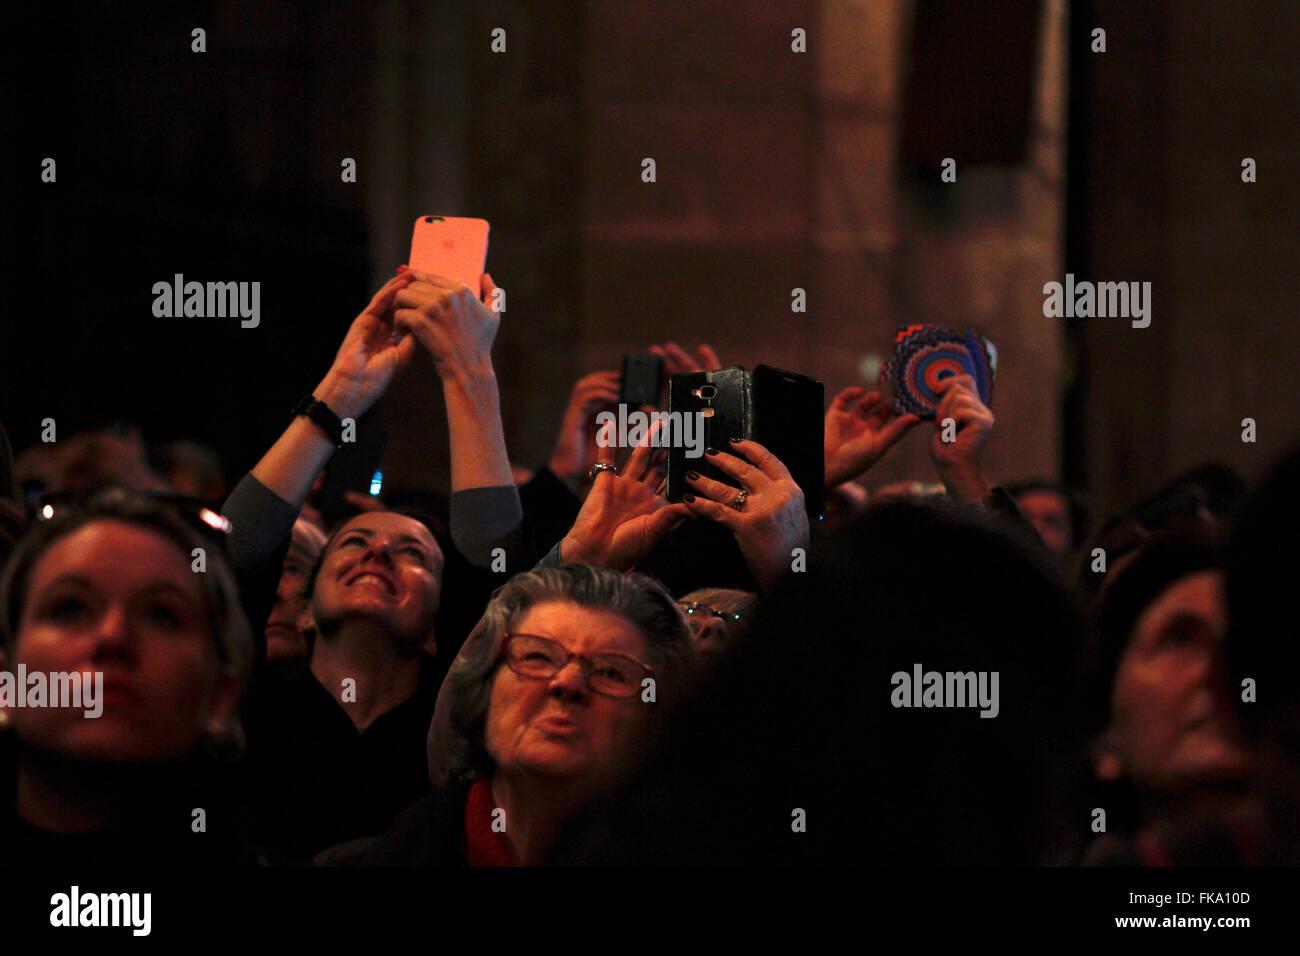 Palma de Mallorca, España - Febrero 02, 2016. La gente toma fotografías en el espectáculo de la catedral. Imagen De Stock